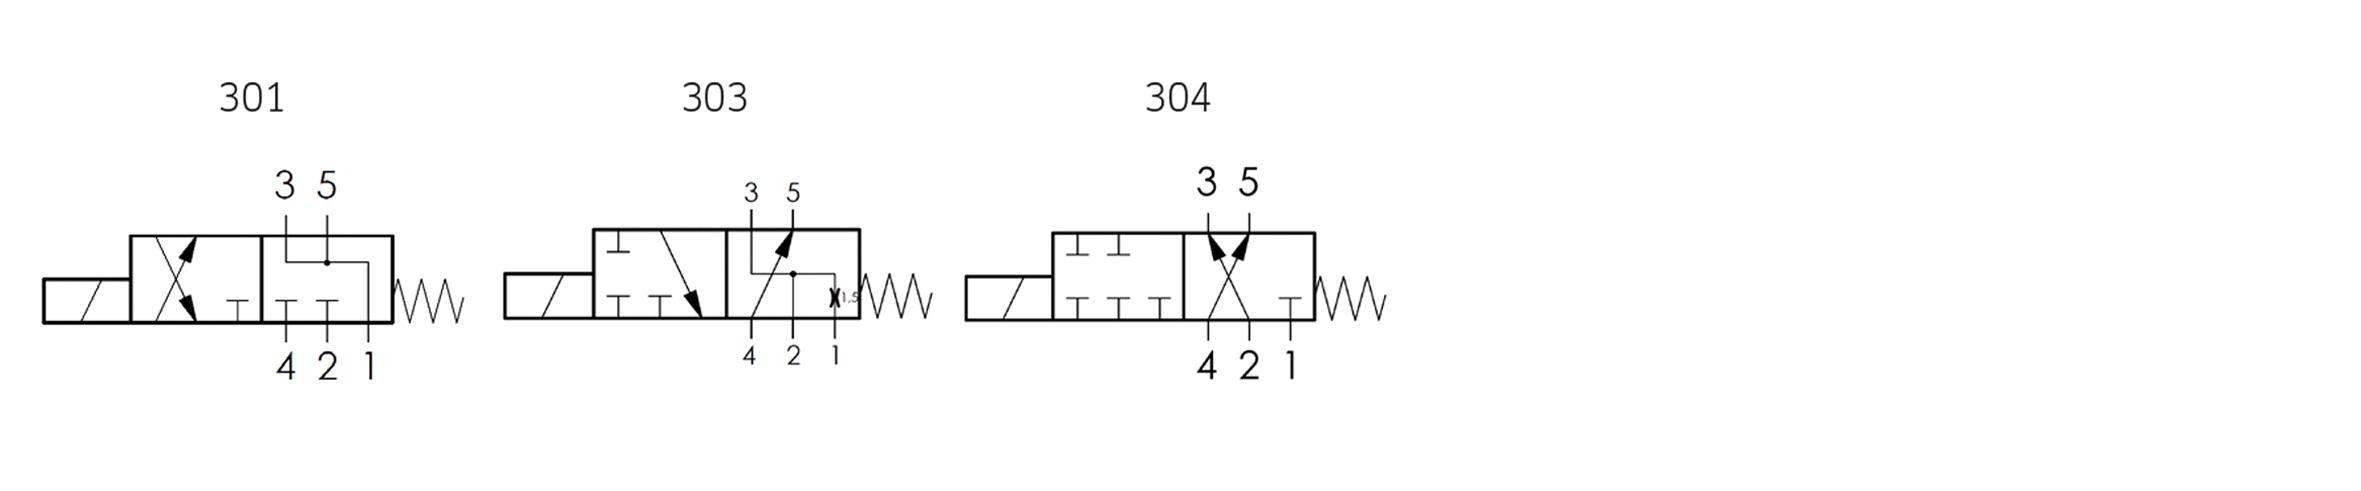 Tolle Elektrische Zeichnungen Für Dummies Ideen - Schaltplan Serie ...